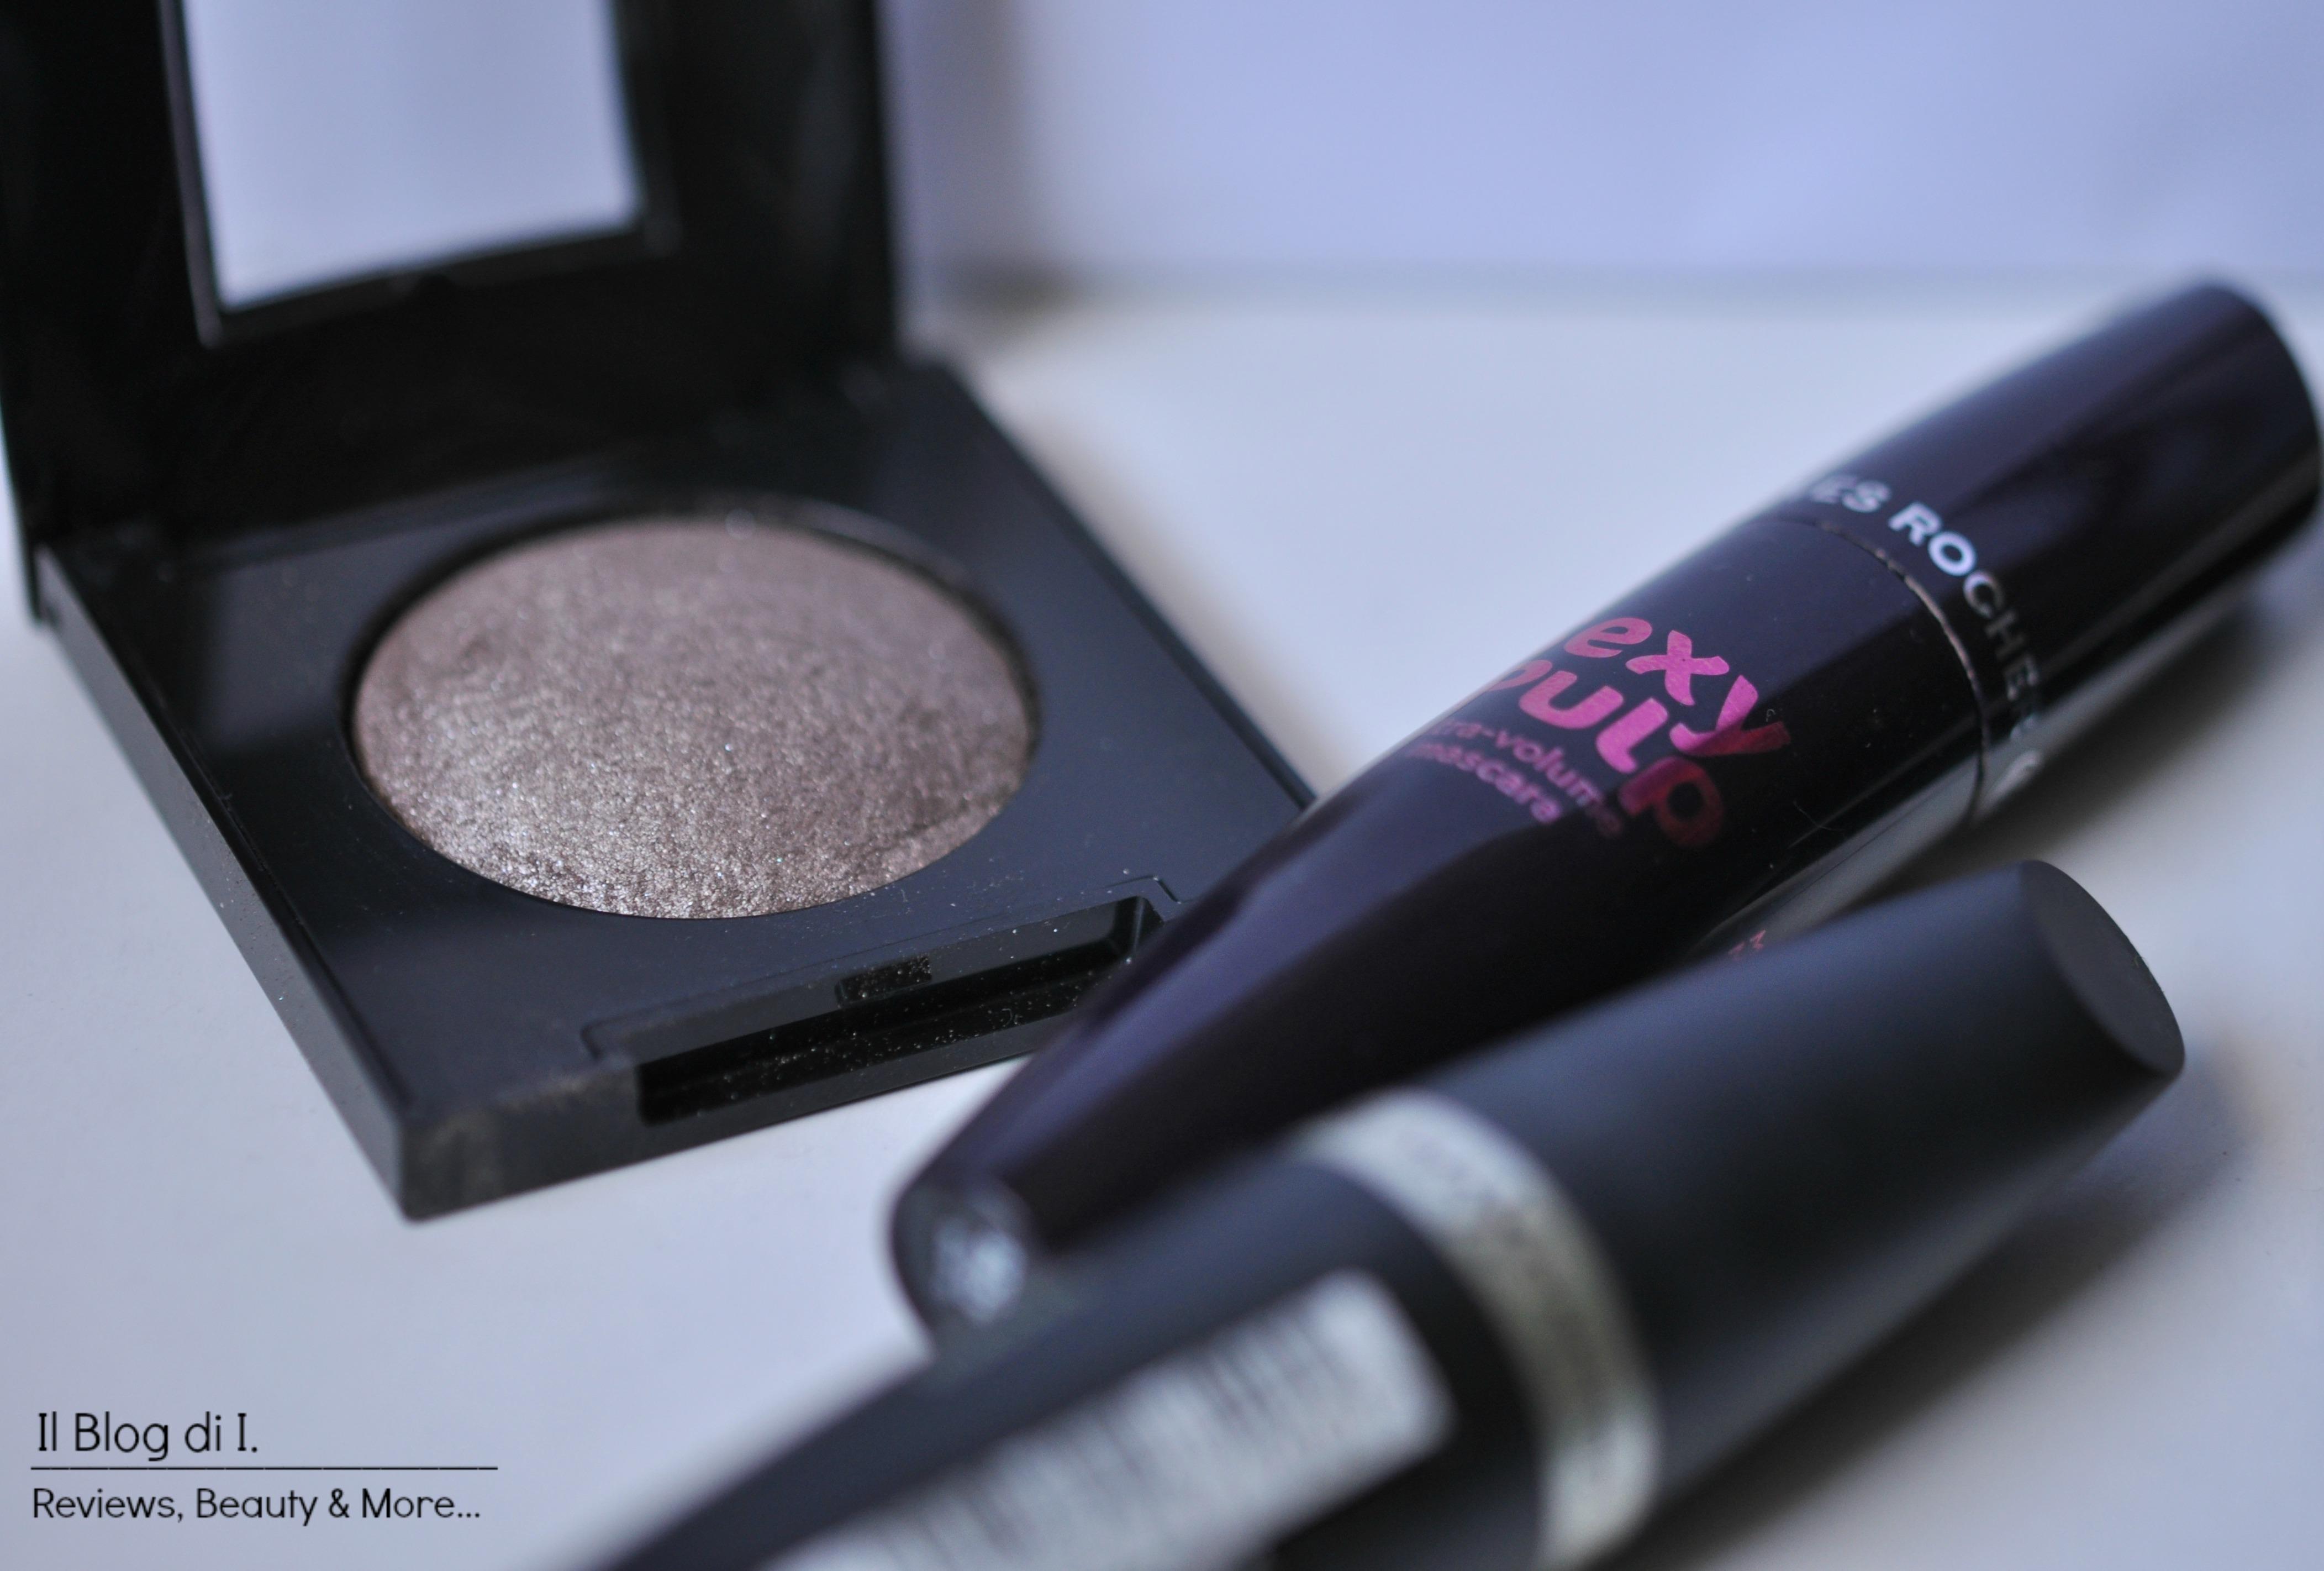 Current everyday makeup mascara